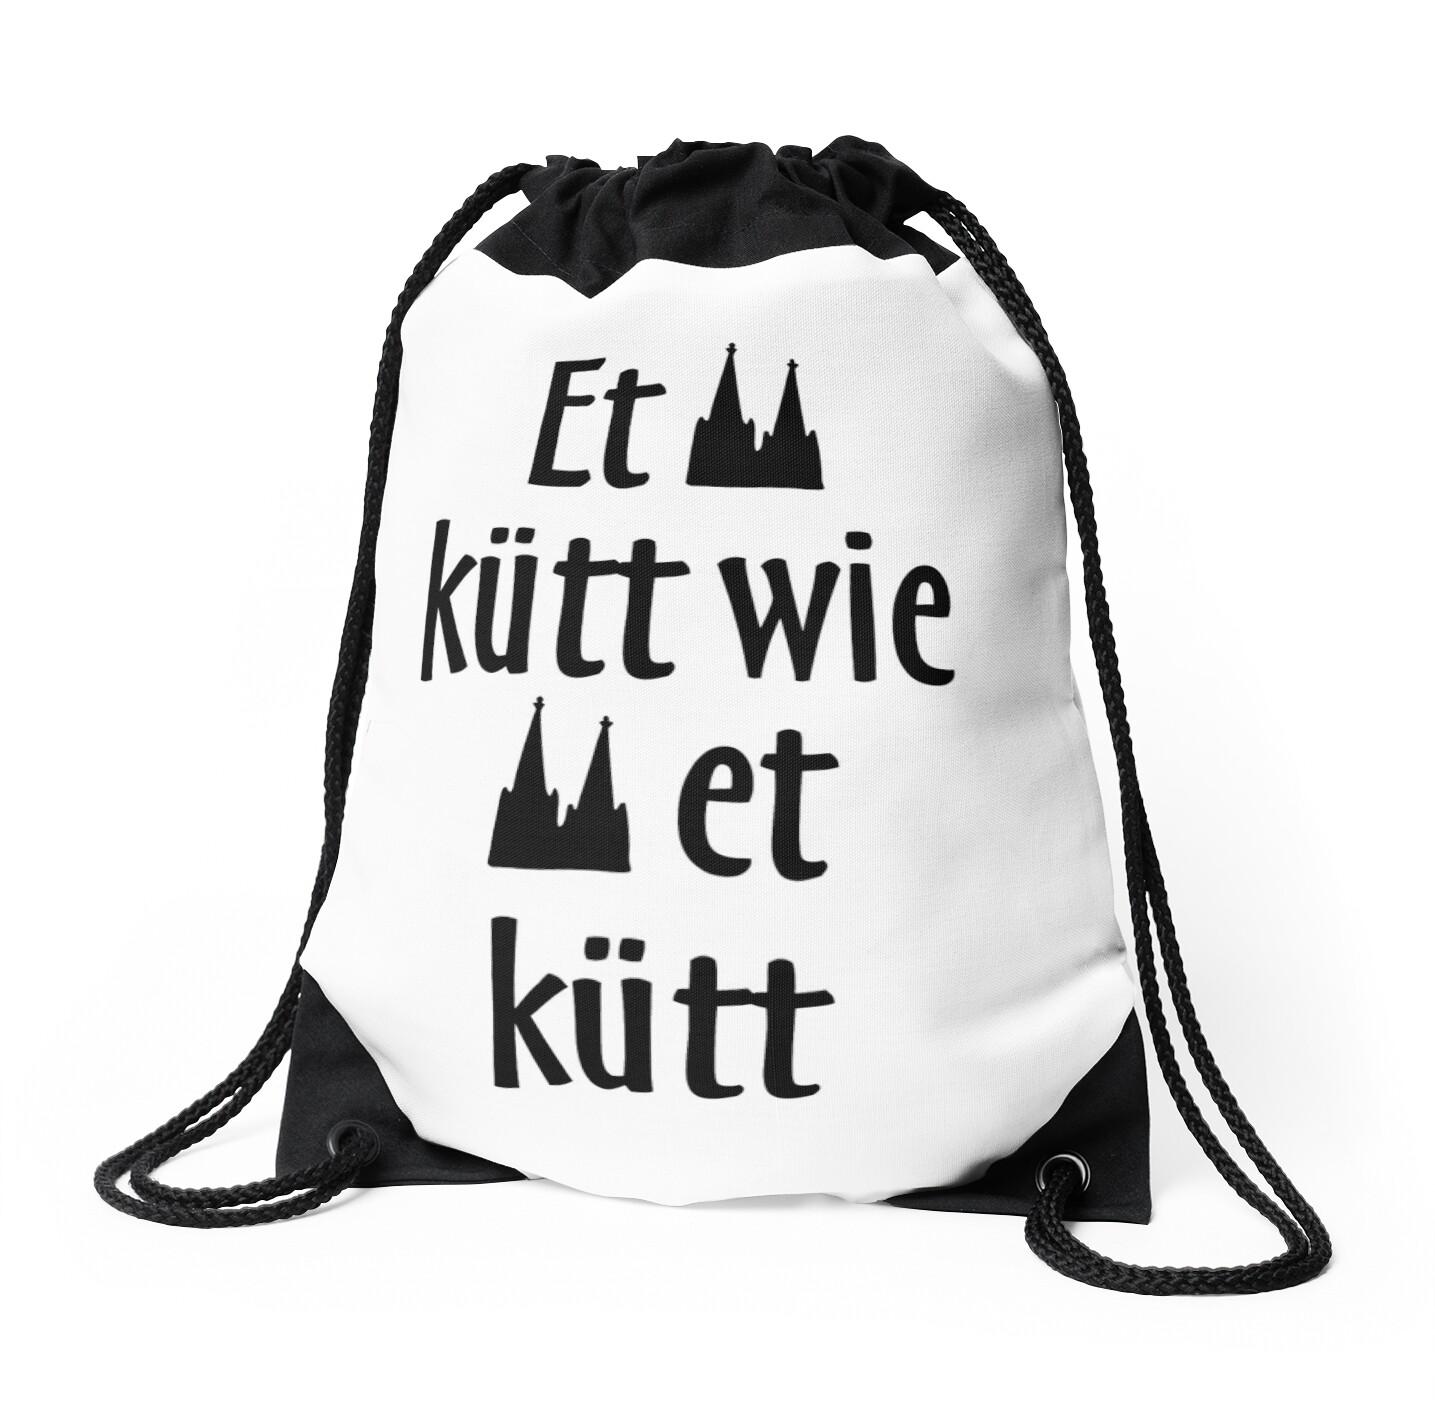 """et kütt wie et kütt - köln spruch kölsche sprüche"""" drawstring bags"""